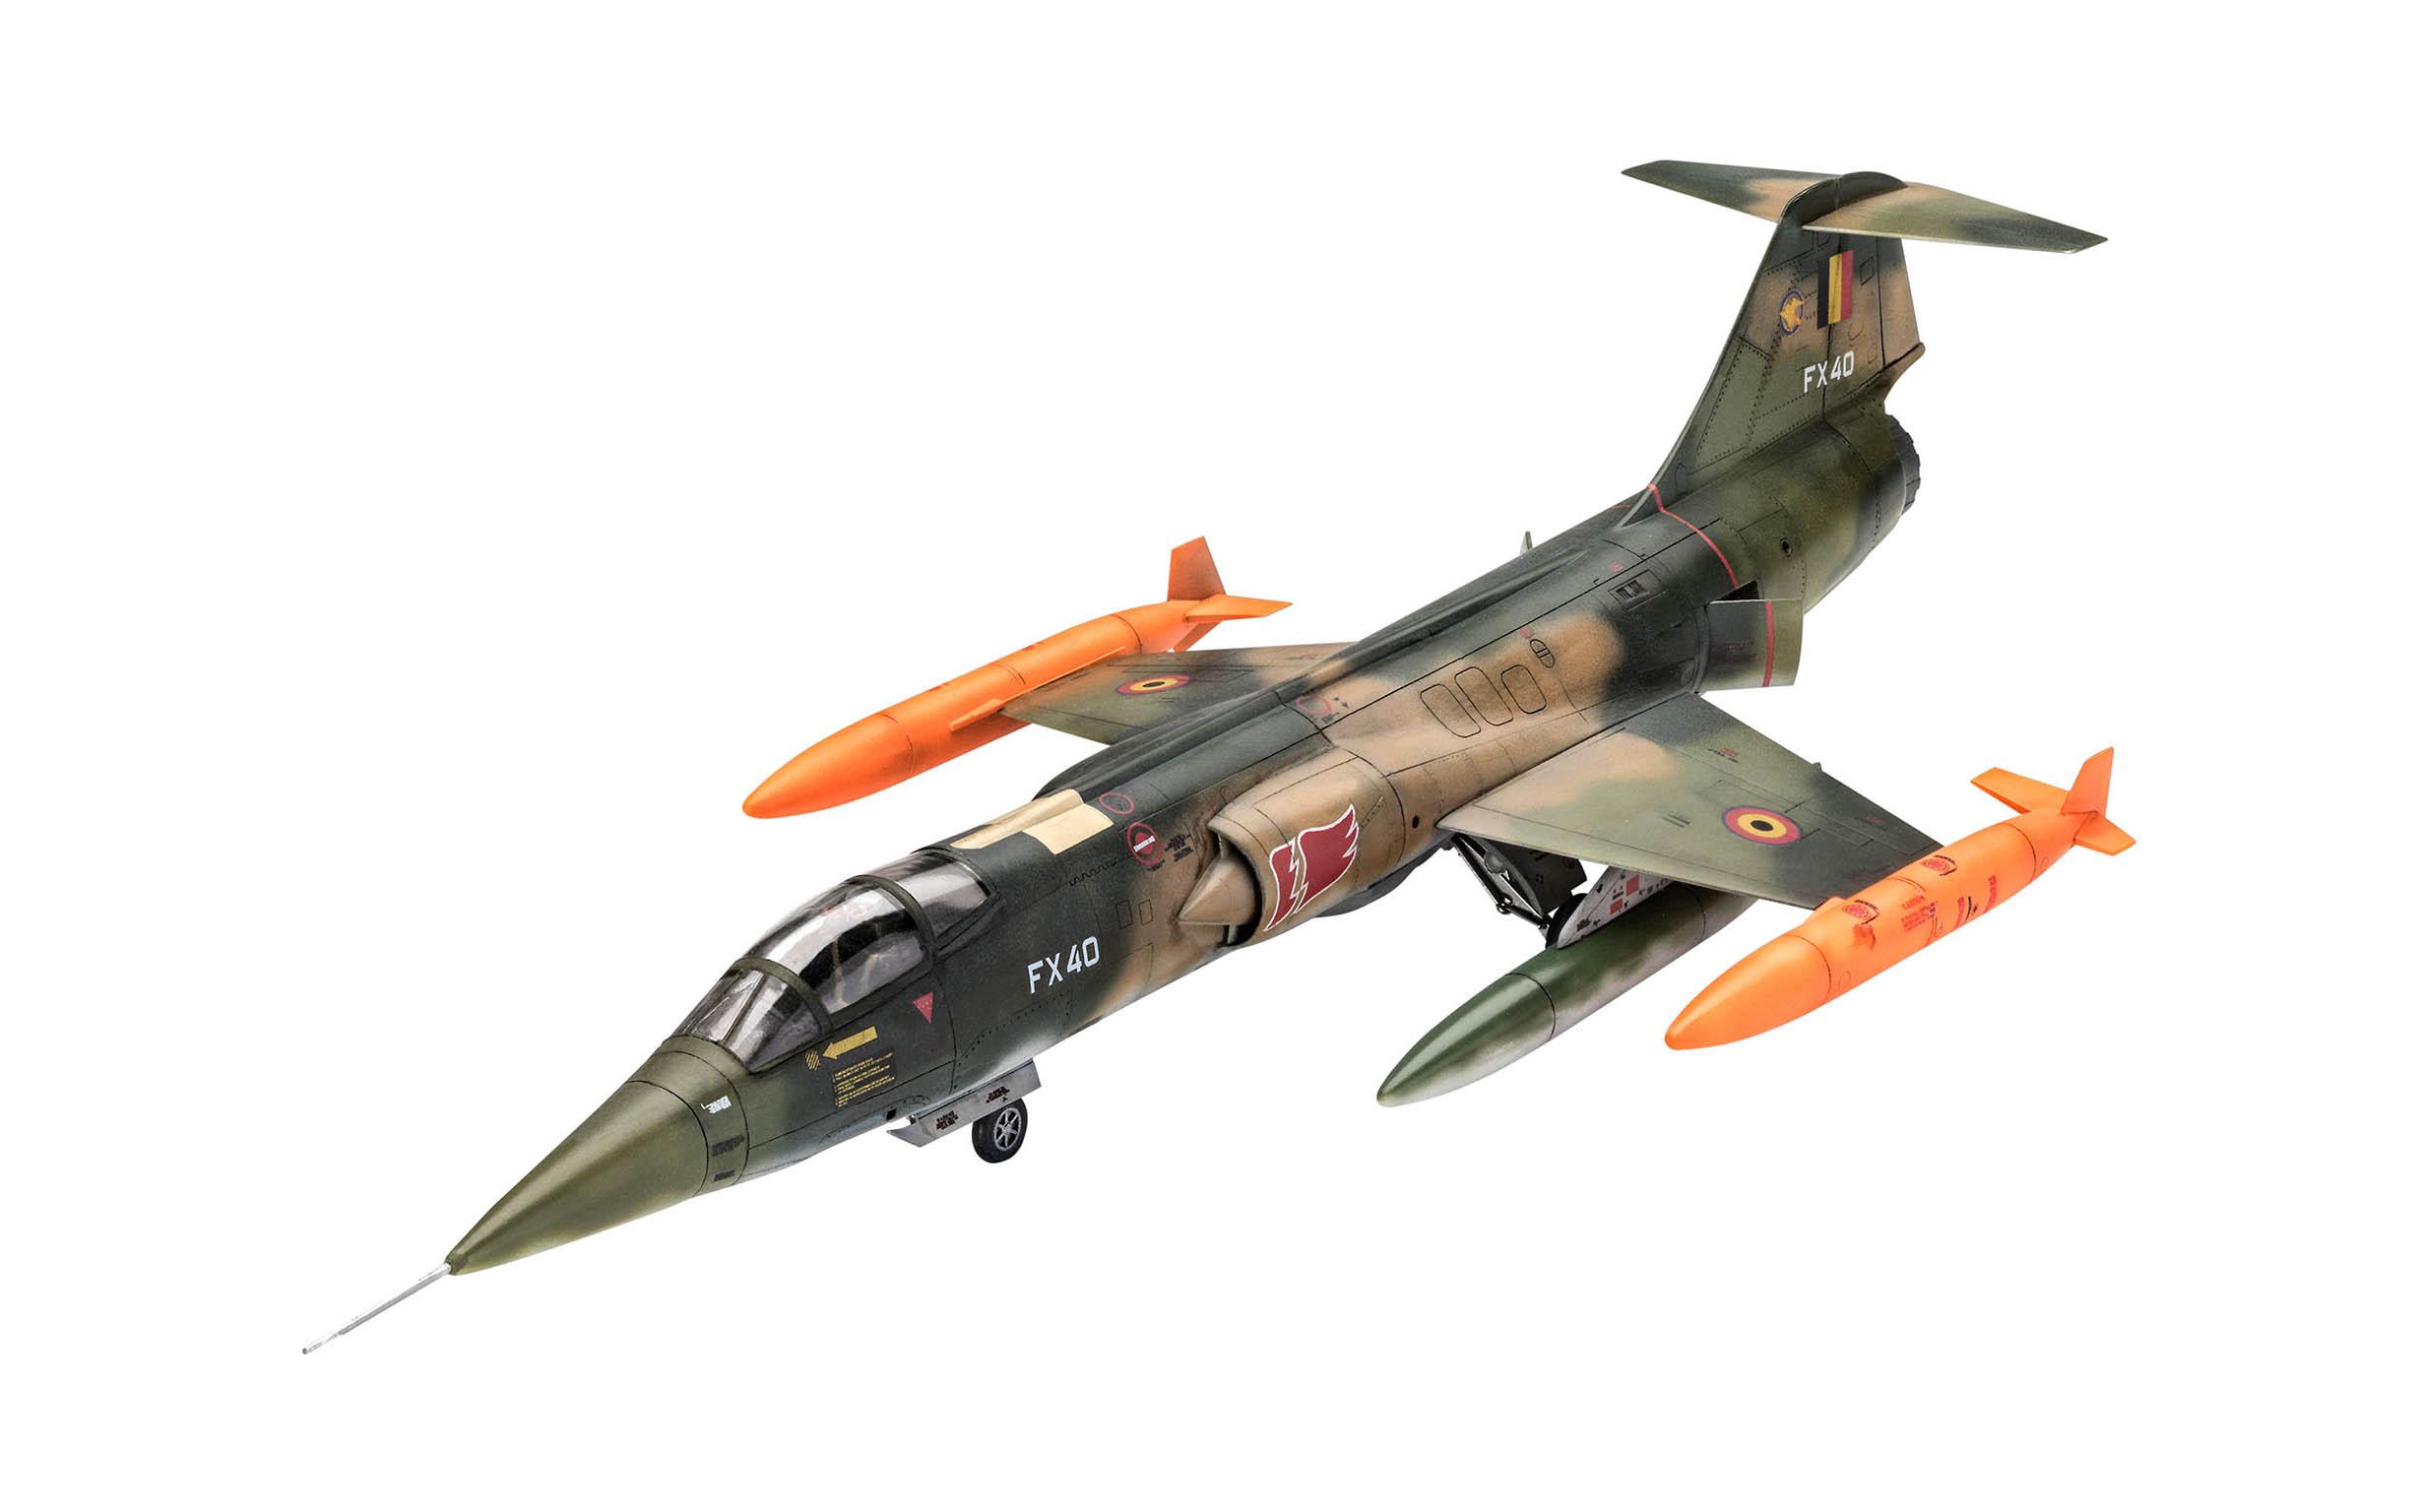 Niederlande HA1034 D-8114 Hobby Master 1:72 Lockheed F-104G Starfighter Rnlaf